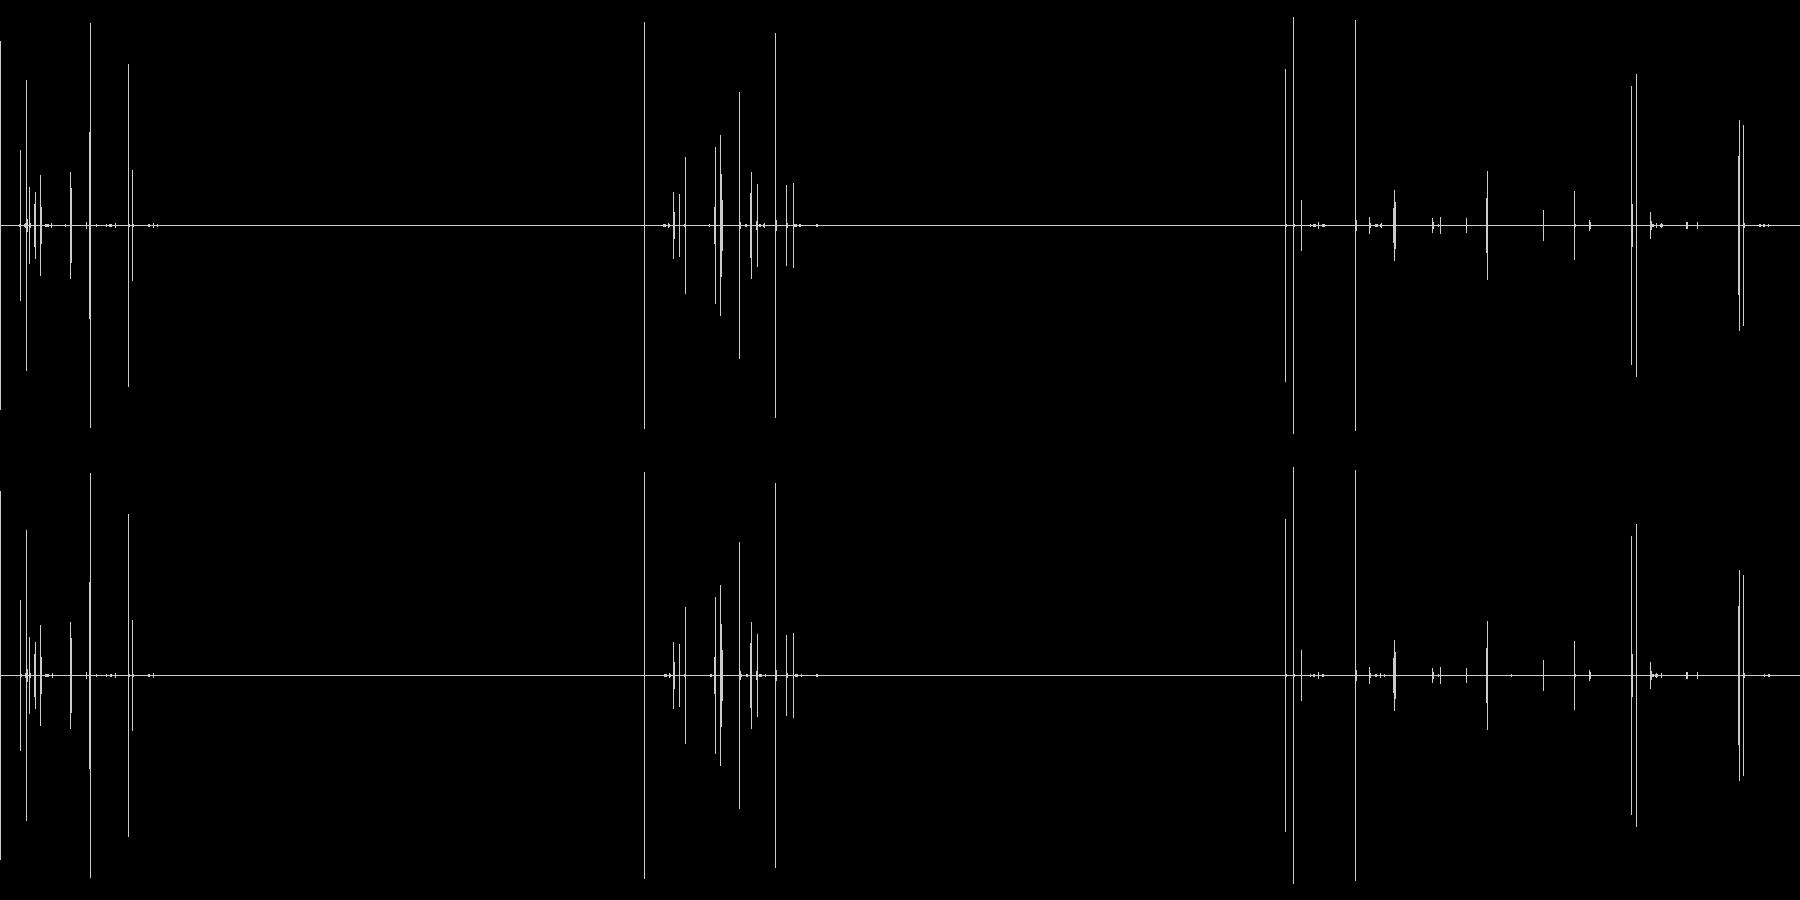 ピキピキ(卵の殻にヒビが入る音)の未再生の波形